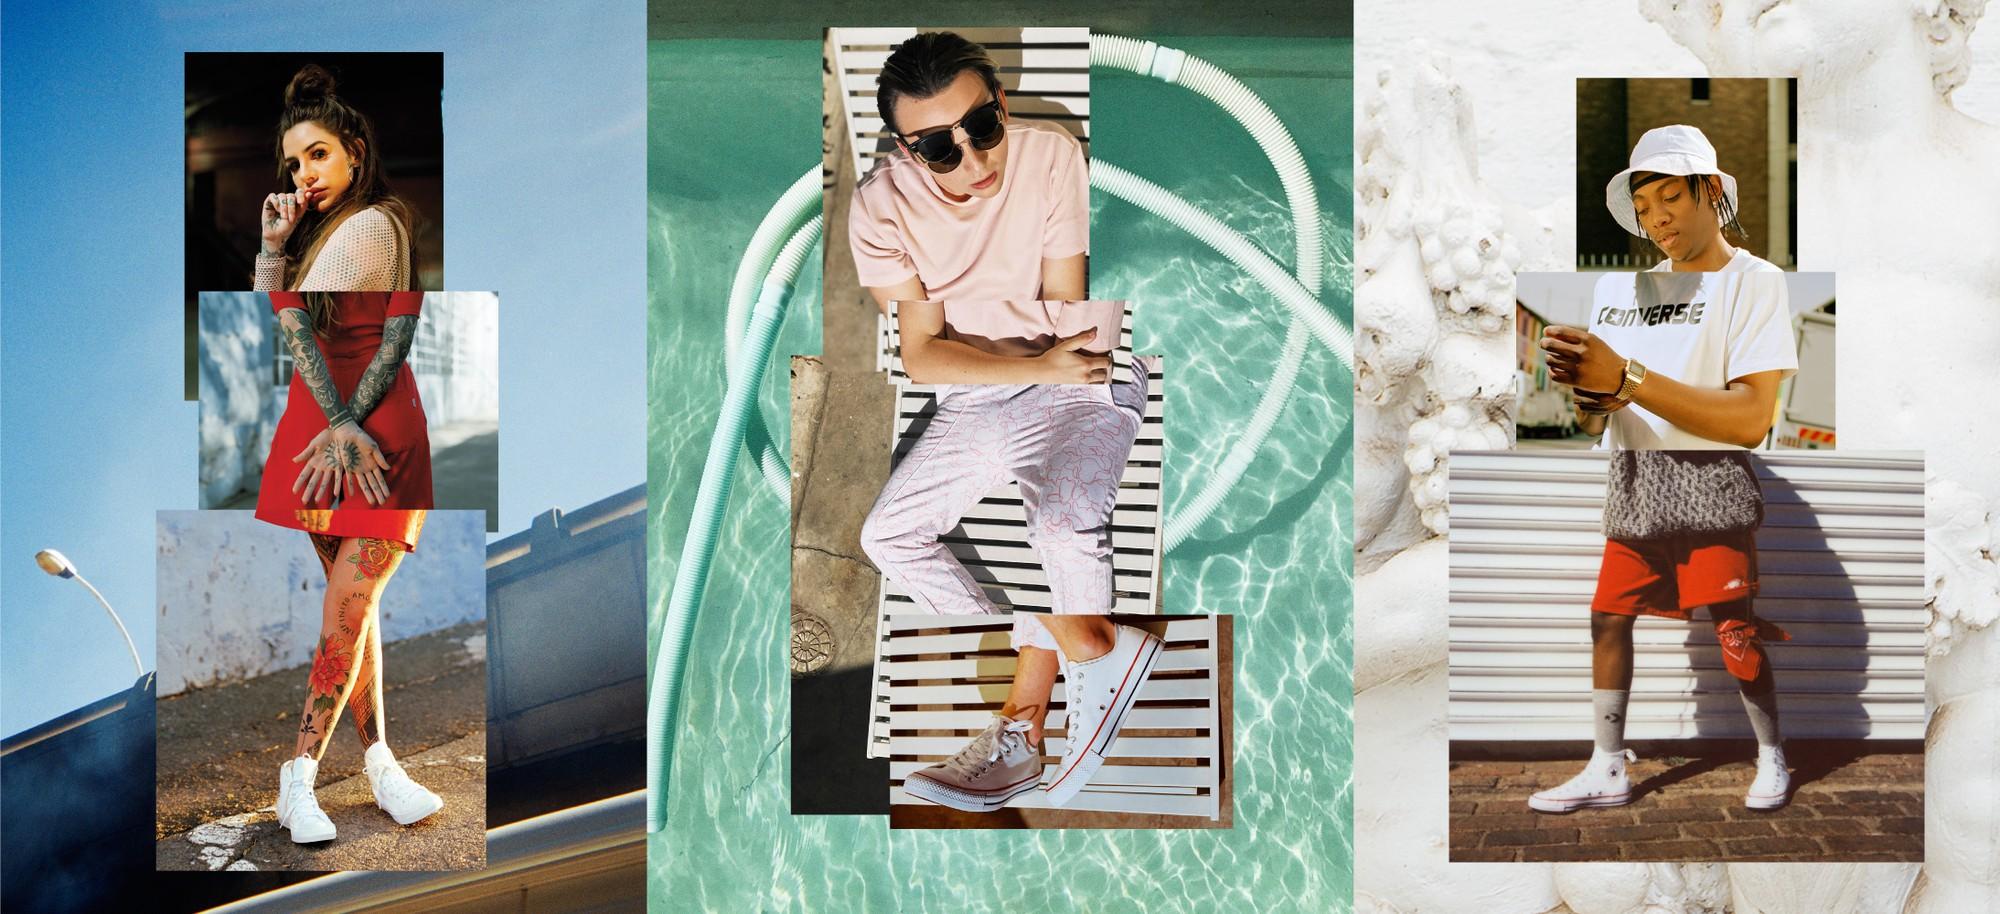 White Chuck – Chuẩn mới cho thời trang hiện đại - Ảnh 3.